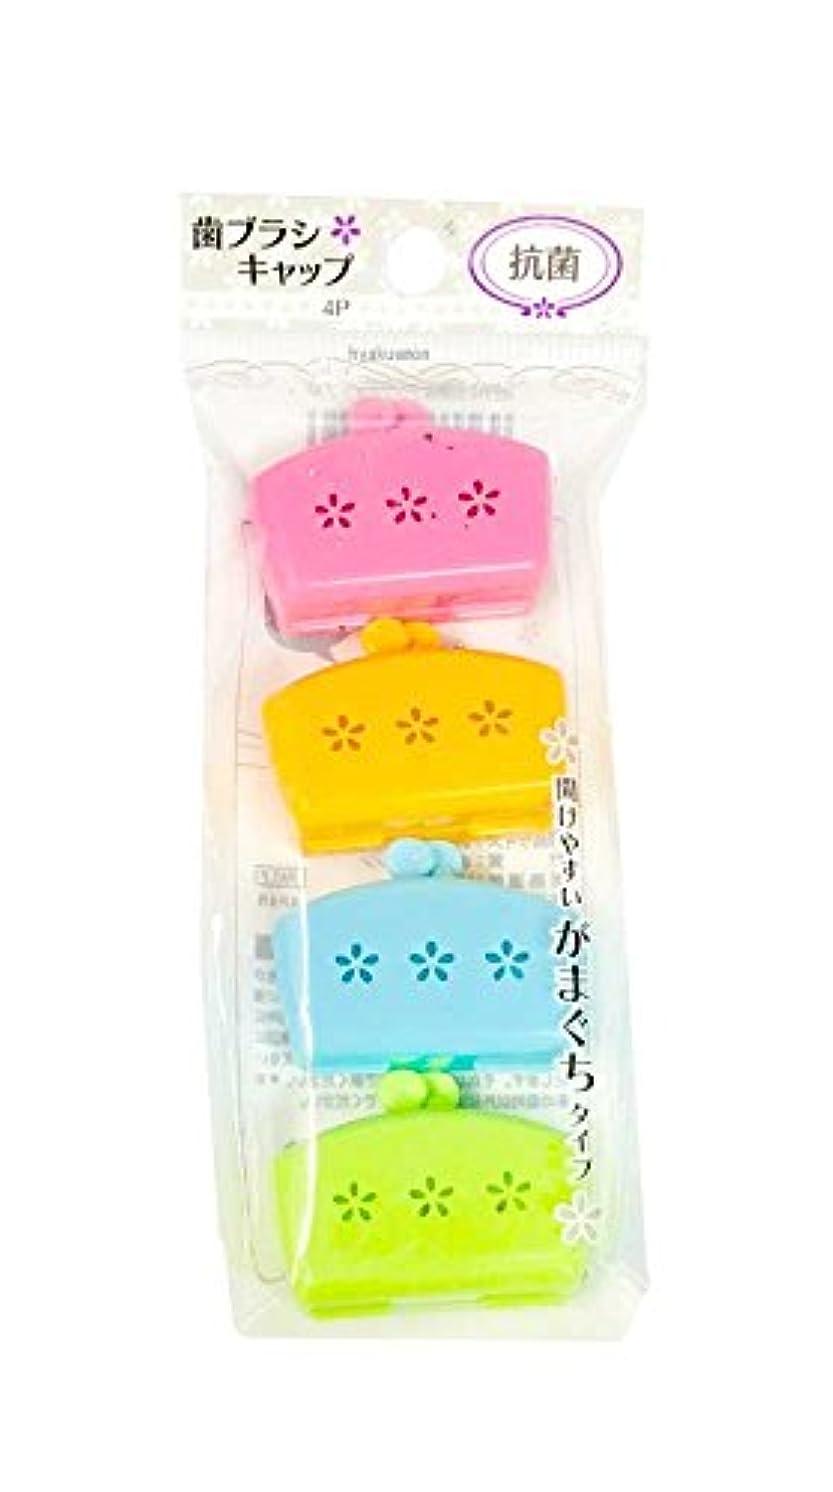 カウンタ年金受給者ラッドヤードキップリング抗菌 歯ブラシキャップ4個入 開けやすいガマグチタイプ